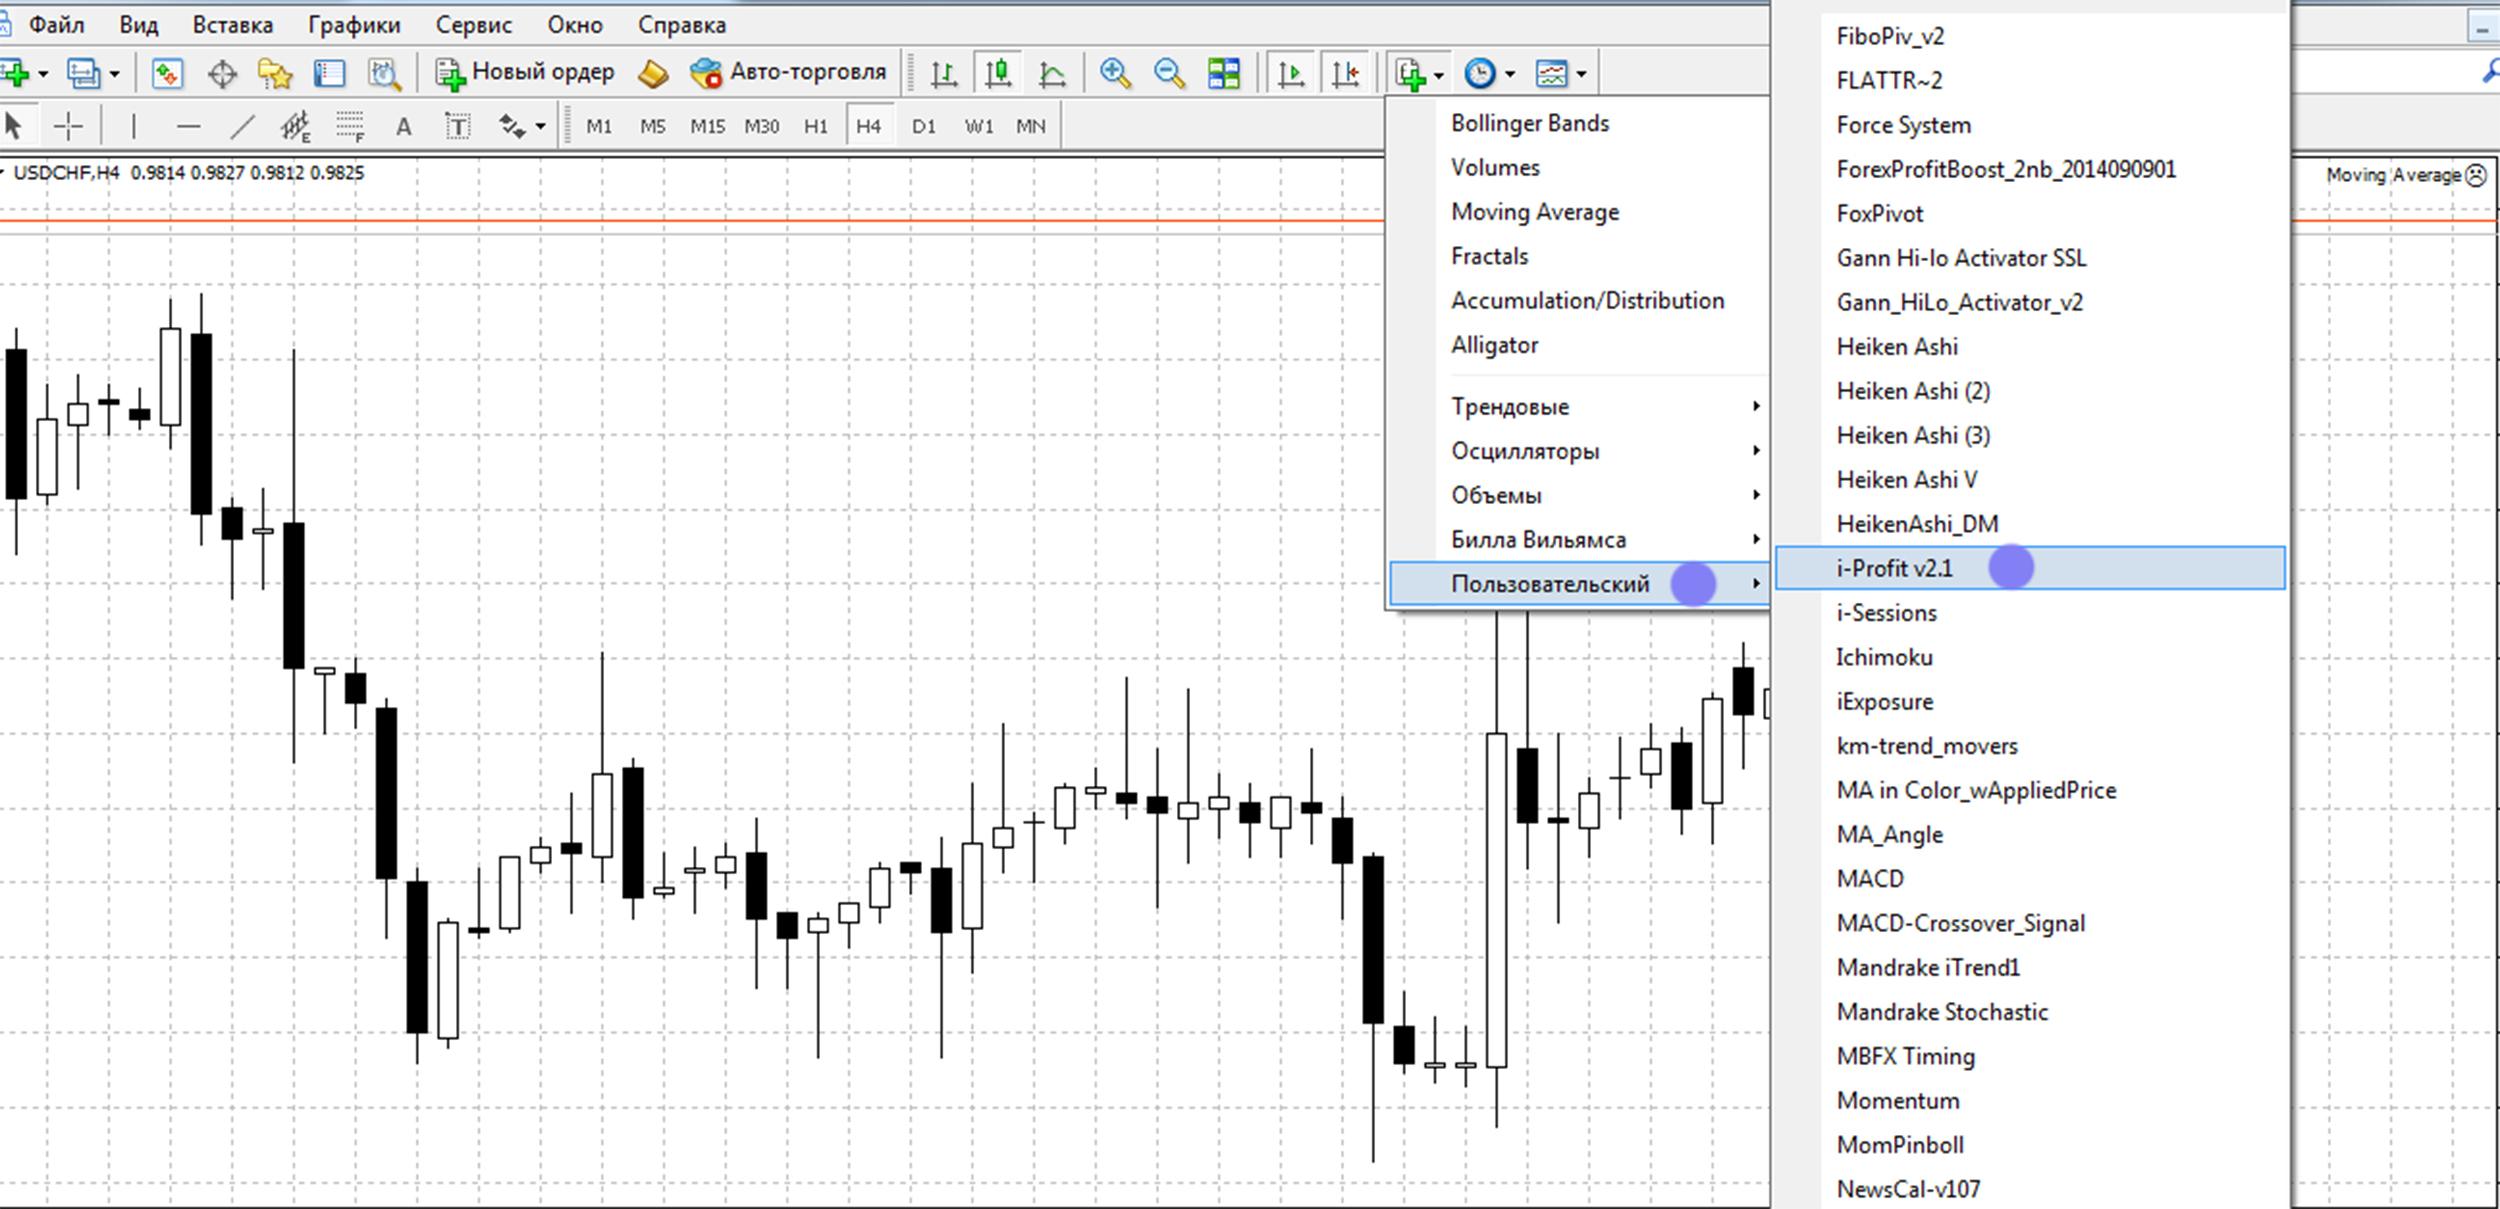 Форекс индикатор fibopiv_v2 10 бесплатных уроков по форекс eintrag html